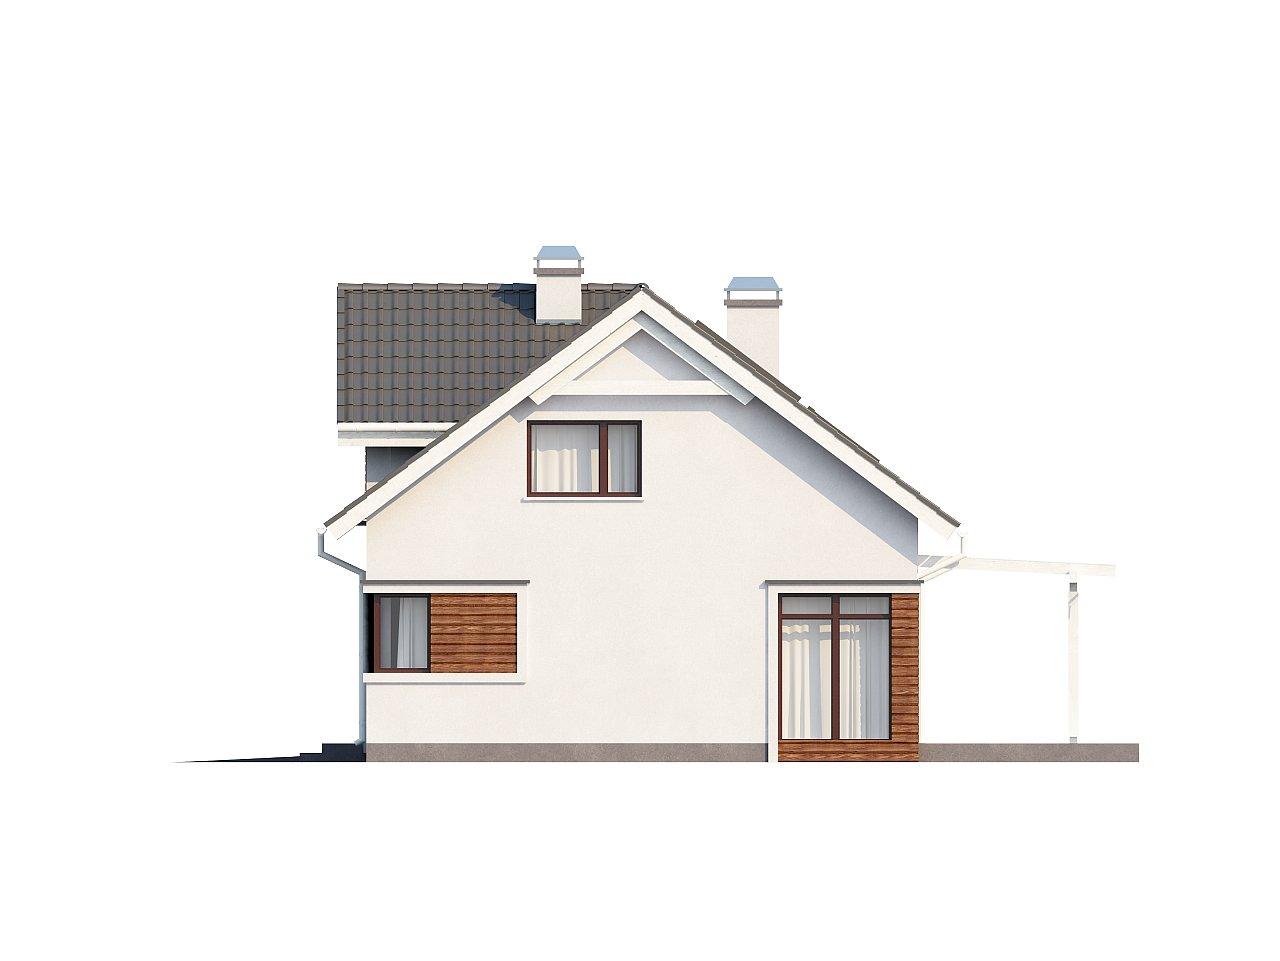 Дом со встроенным гаражом, красивым мансардным окном и вторым светом над гостиной. - фото 13